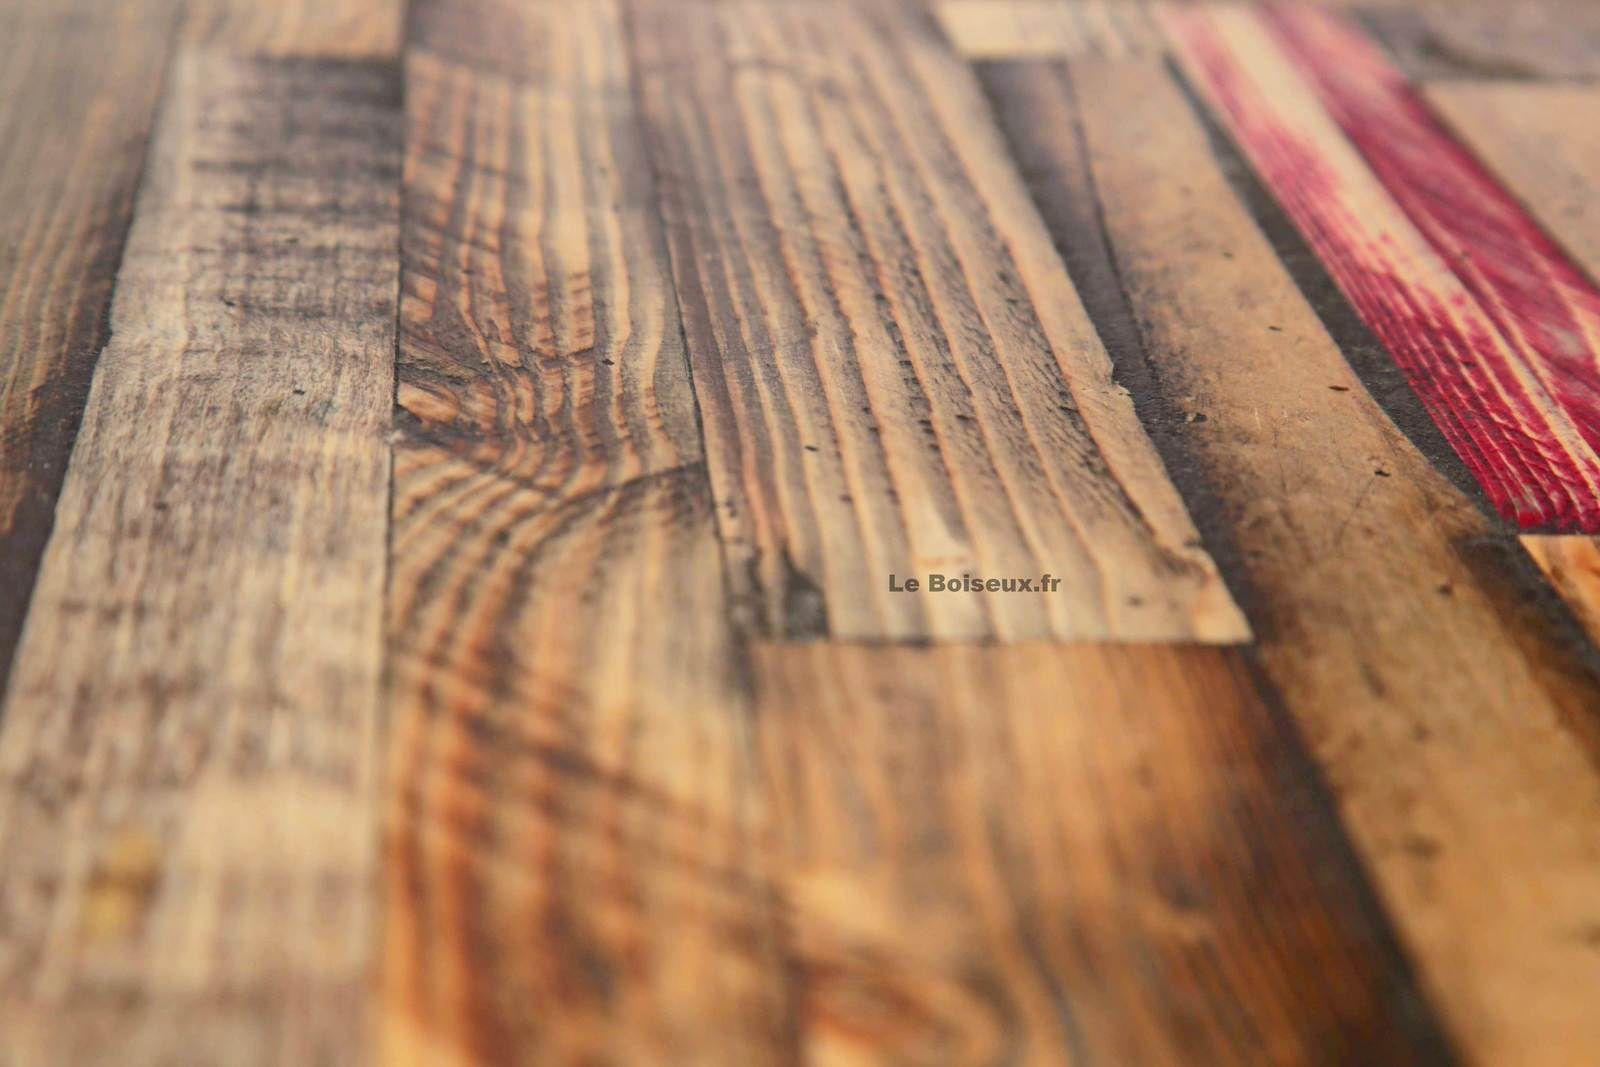 Le concept Le Boiseux fait siennes vos préoccupations : d'une part celui-ci vous permet de personnaliser vos plateaux de tables pour qu'ils reflètent l'identité de votre établissement, d'autre part, il contribue à la cohérence décorative de votre entreprise.